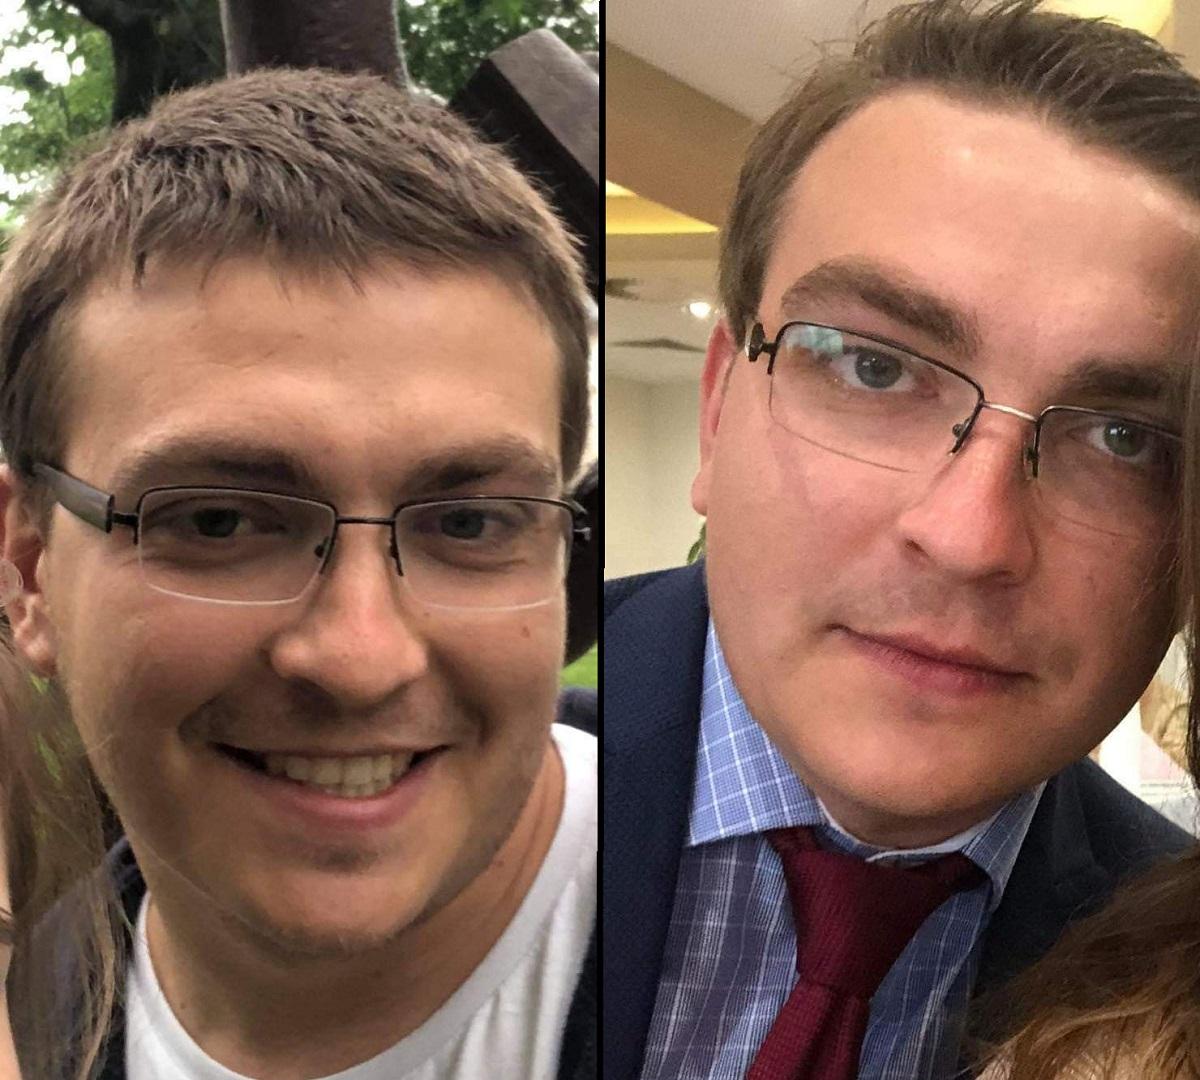 Trwają poszukiwania 25-latka z Rzeszowa. Czy są nowe tropy? - Zdjęcie główne